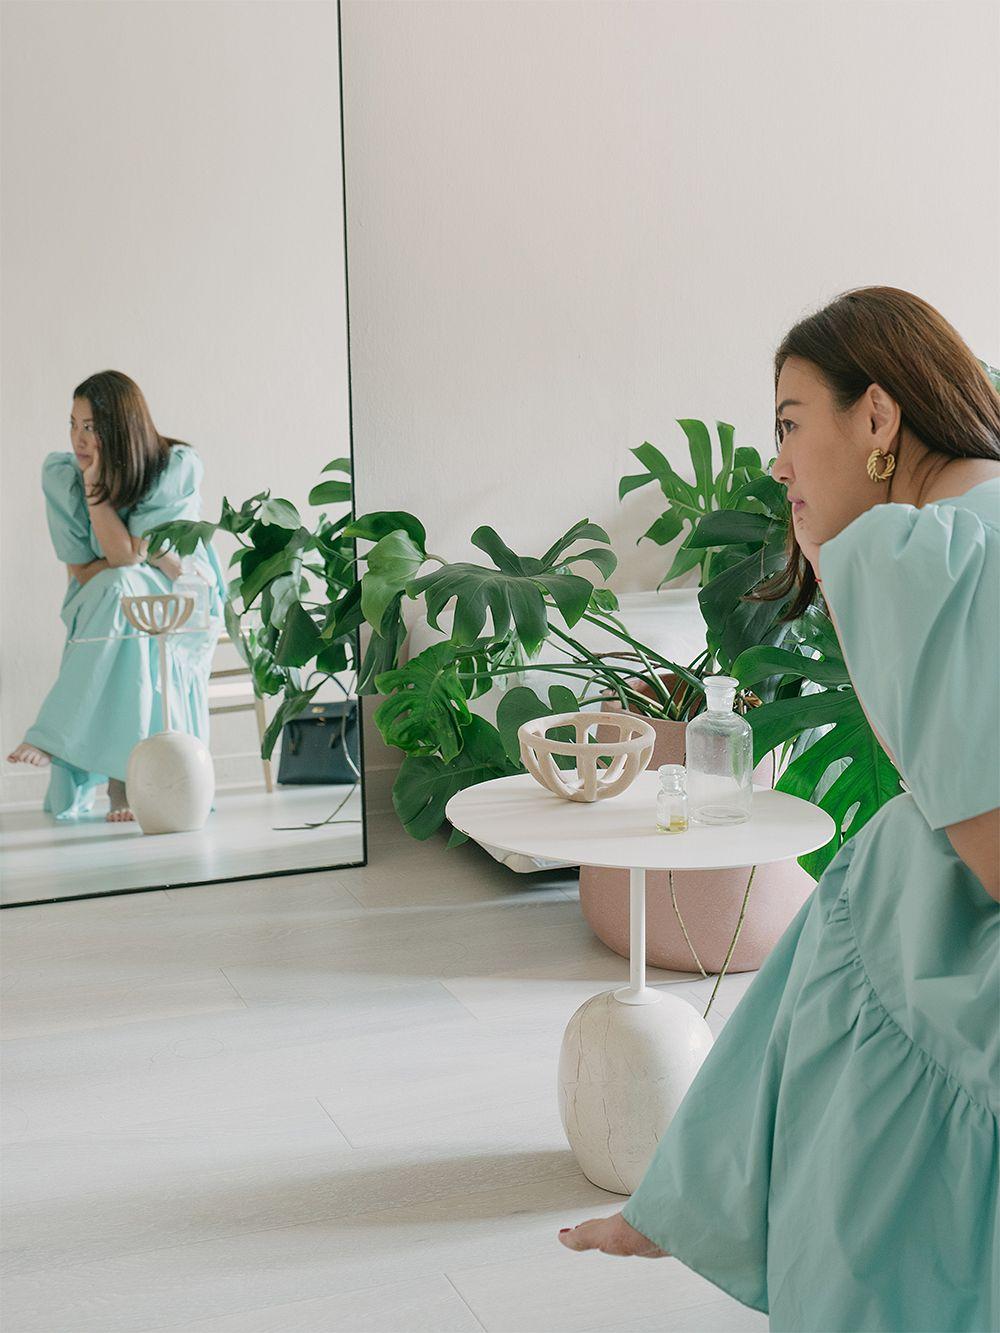 &Tradition Lato LN9 sohvapöytä, valkoinen - Cream Diva marmori